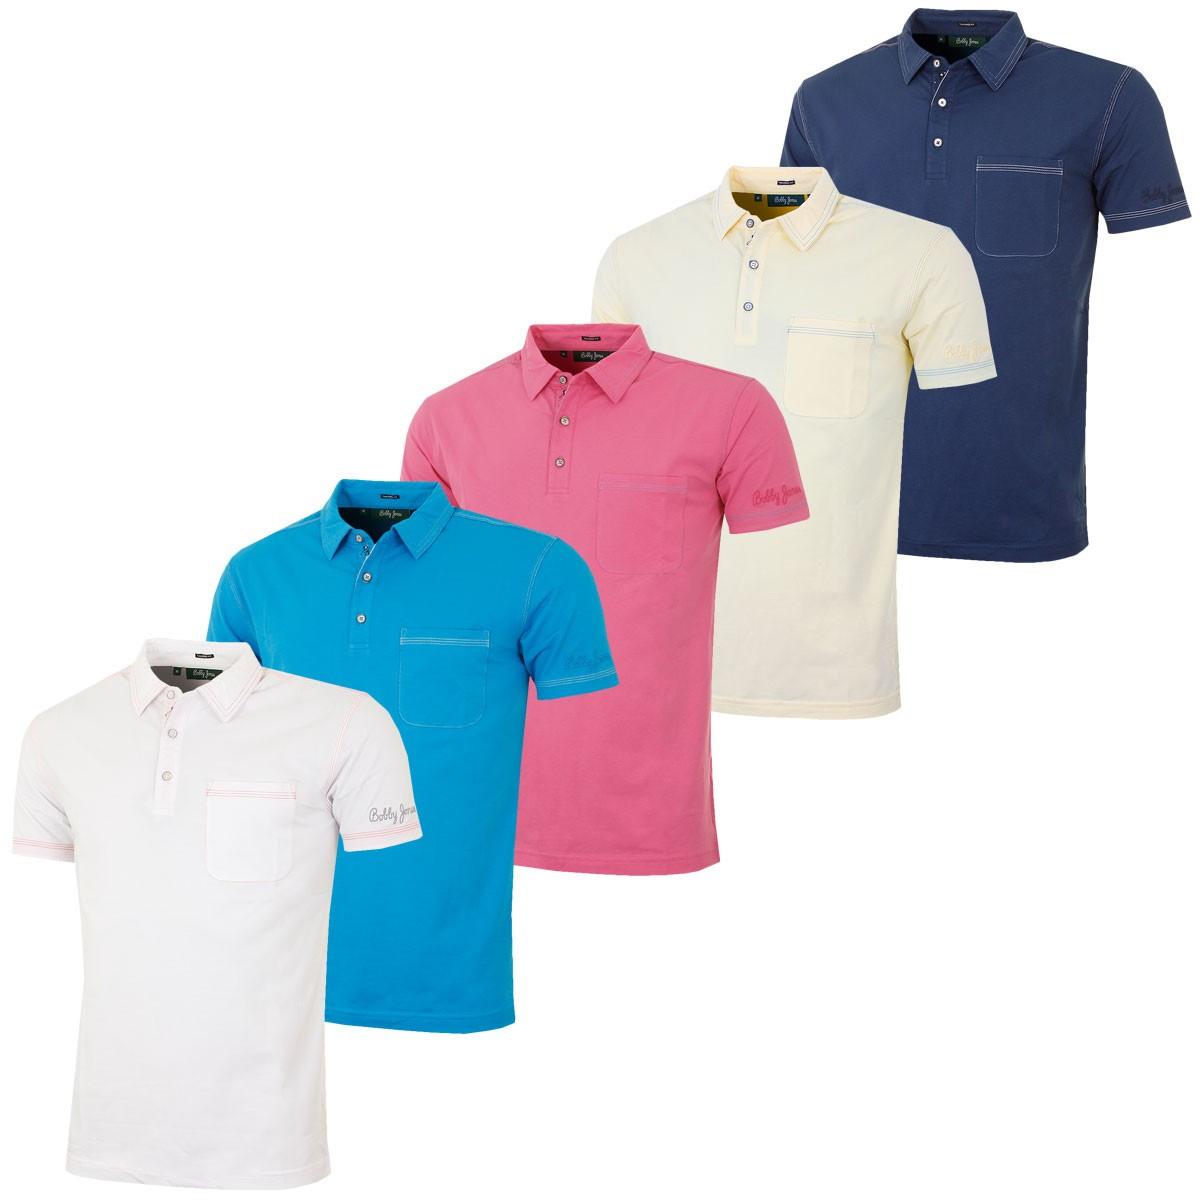 Bobby Jones 2016 Mens Jeffery Solid With Pocket Tf Polo